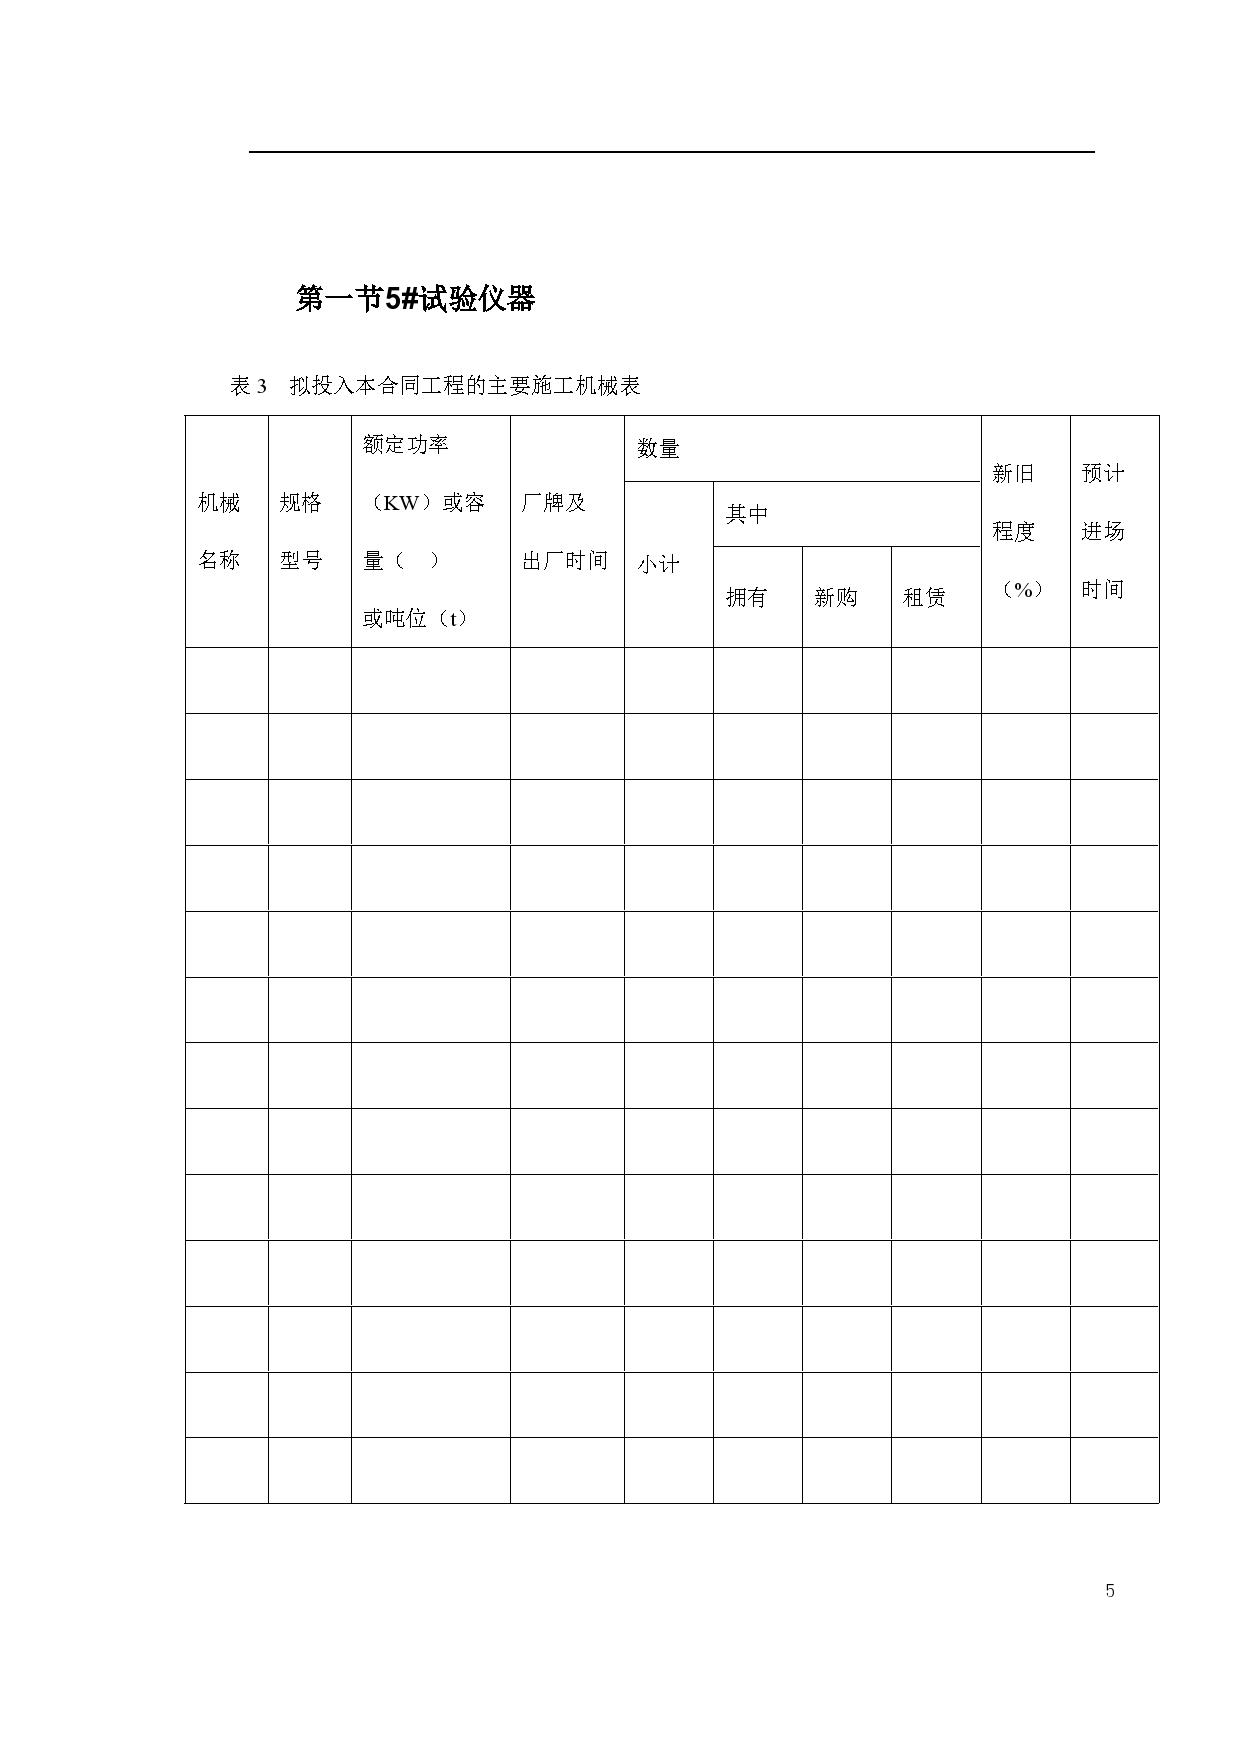 北京六环路投标施工组织设计方案